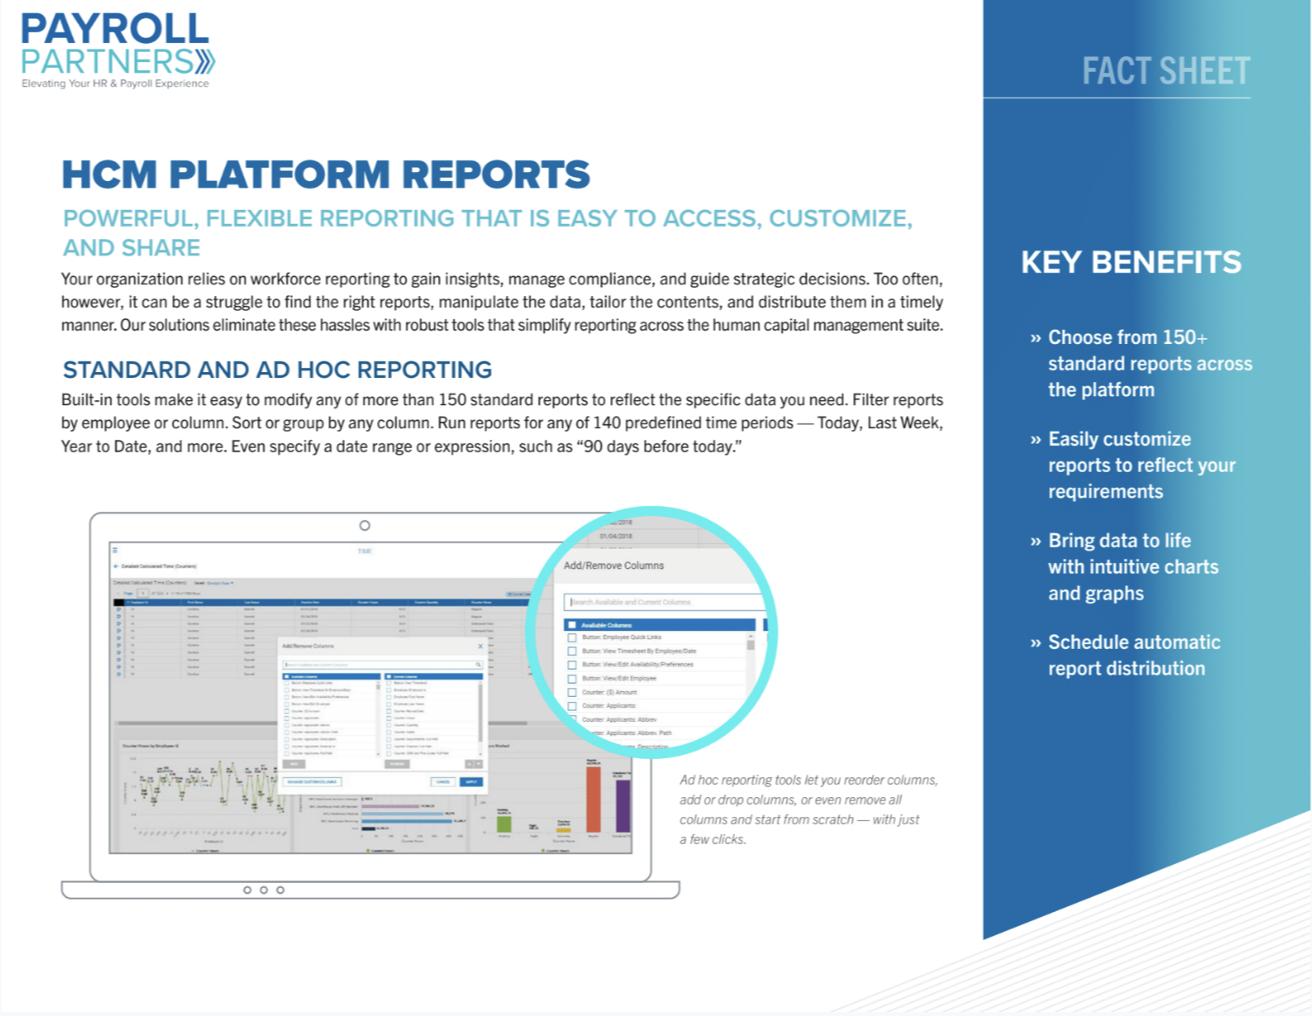 HCM Platform Reports